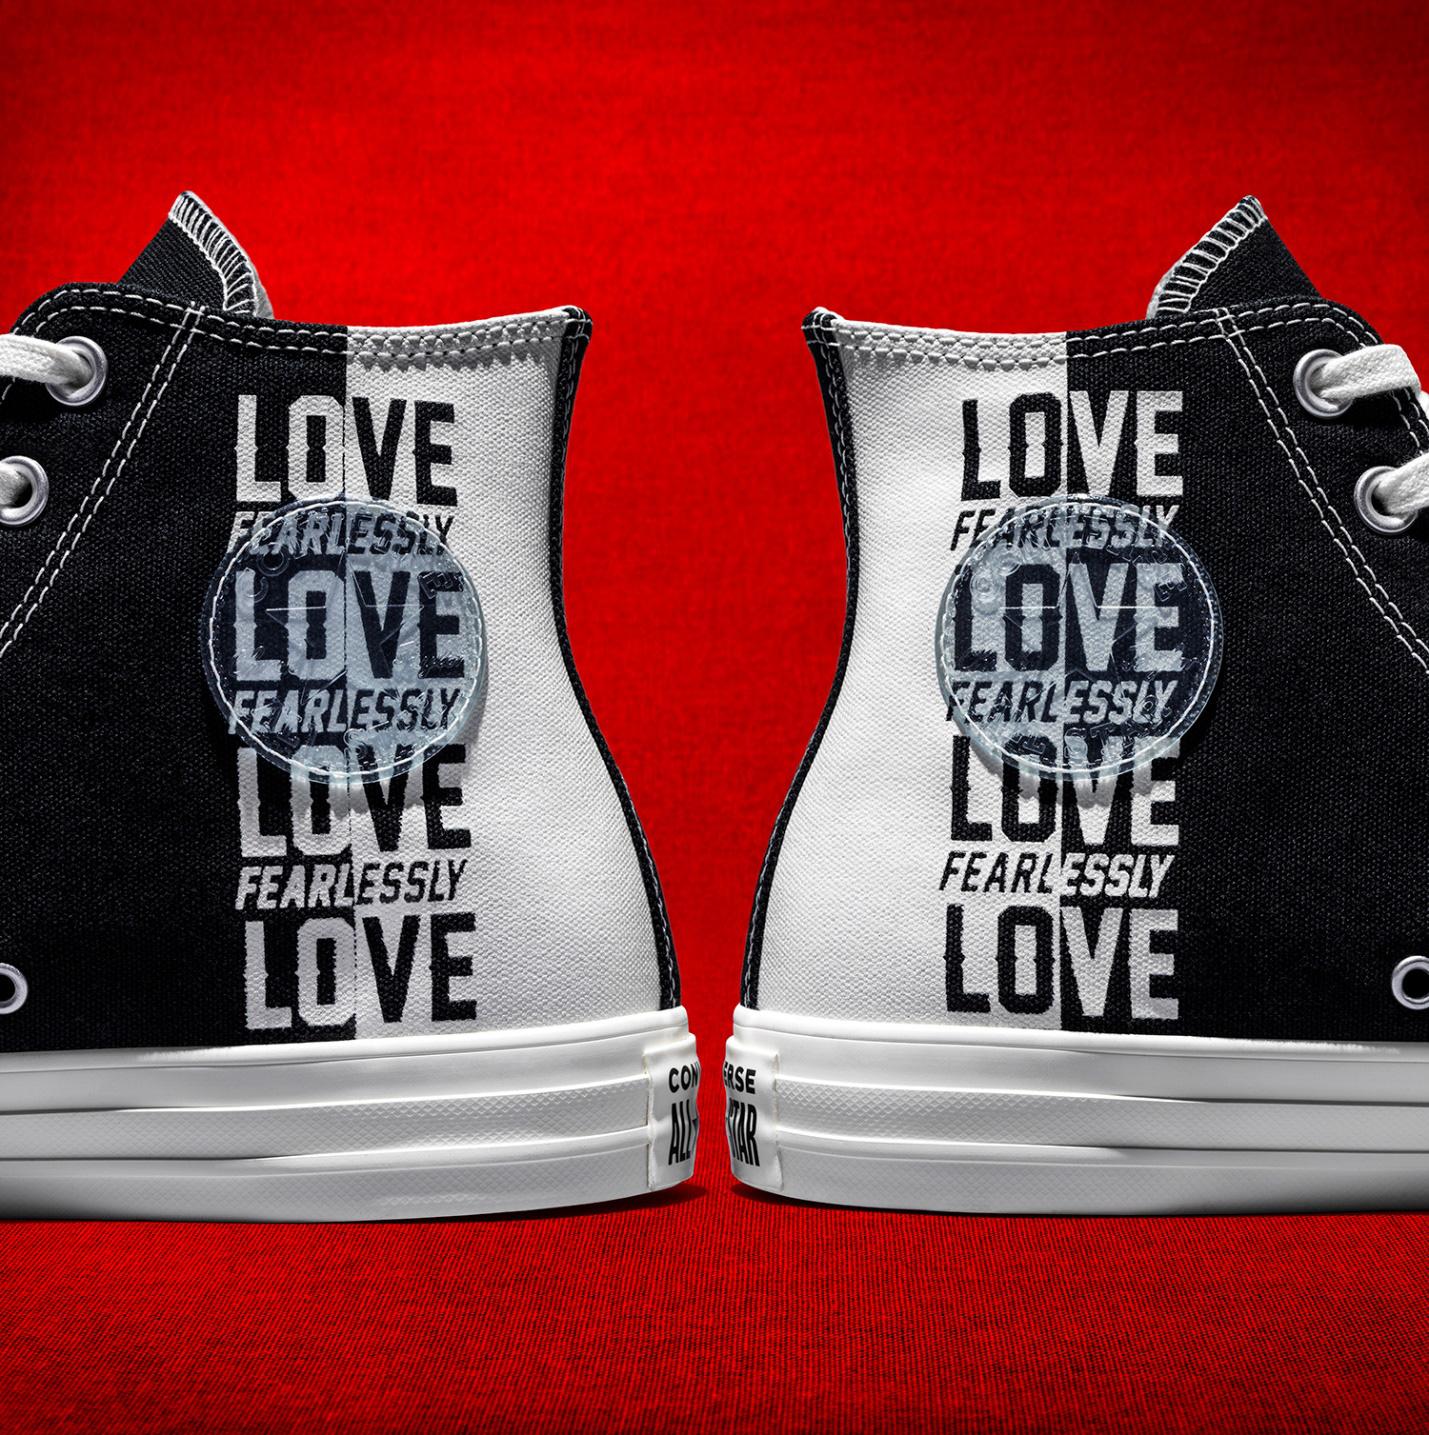 """Converse cho ra mắt BST được thiết kế từ thông điệp hợp thời 4.0 """"Love Yourself First"""" - Ảnh 2."""